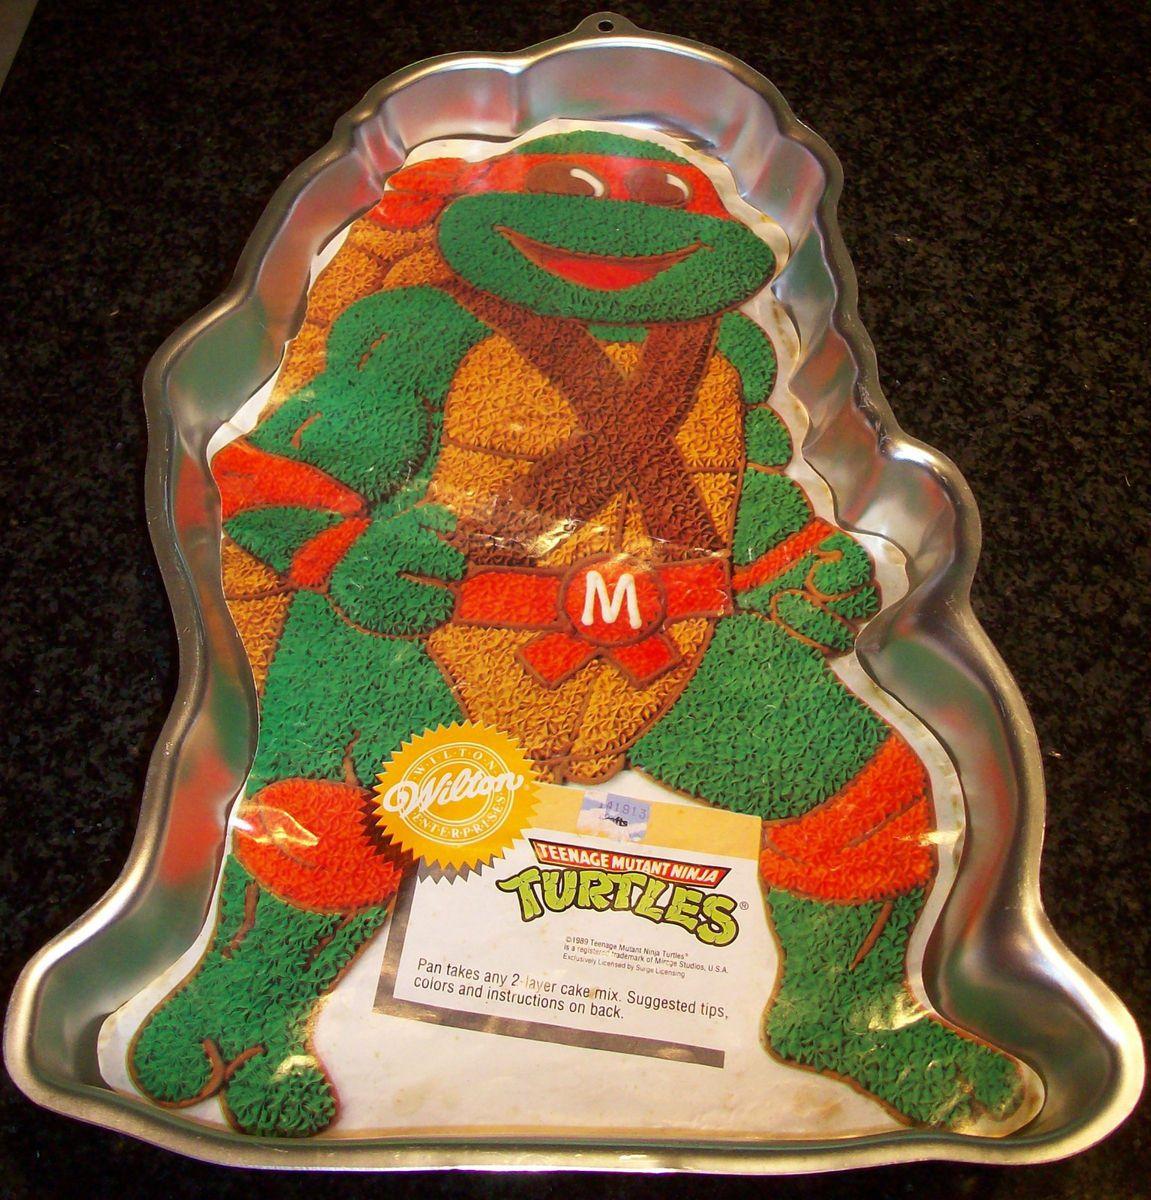 Vintage Wilton Cake Pan Jello Mold Teenage Mutant Ninja Turtle M 16 X Ninja Turtle Cake Pan Wilton Cake Pans Turtle Cake